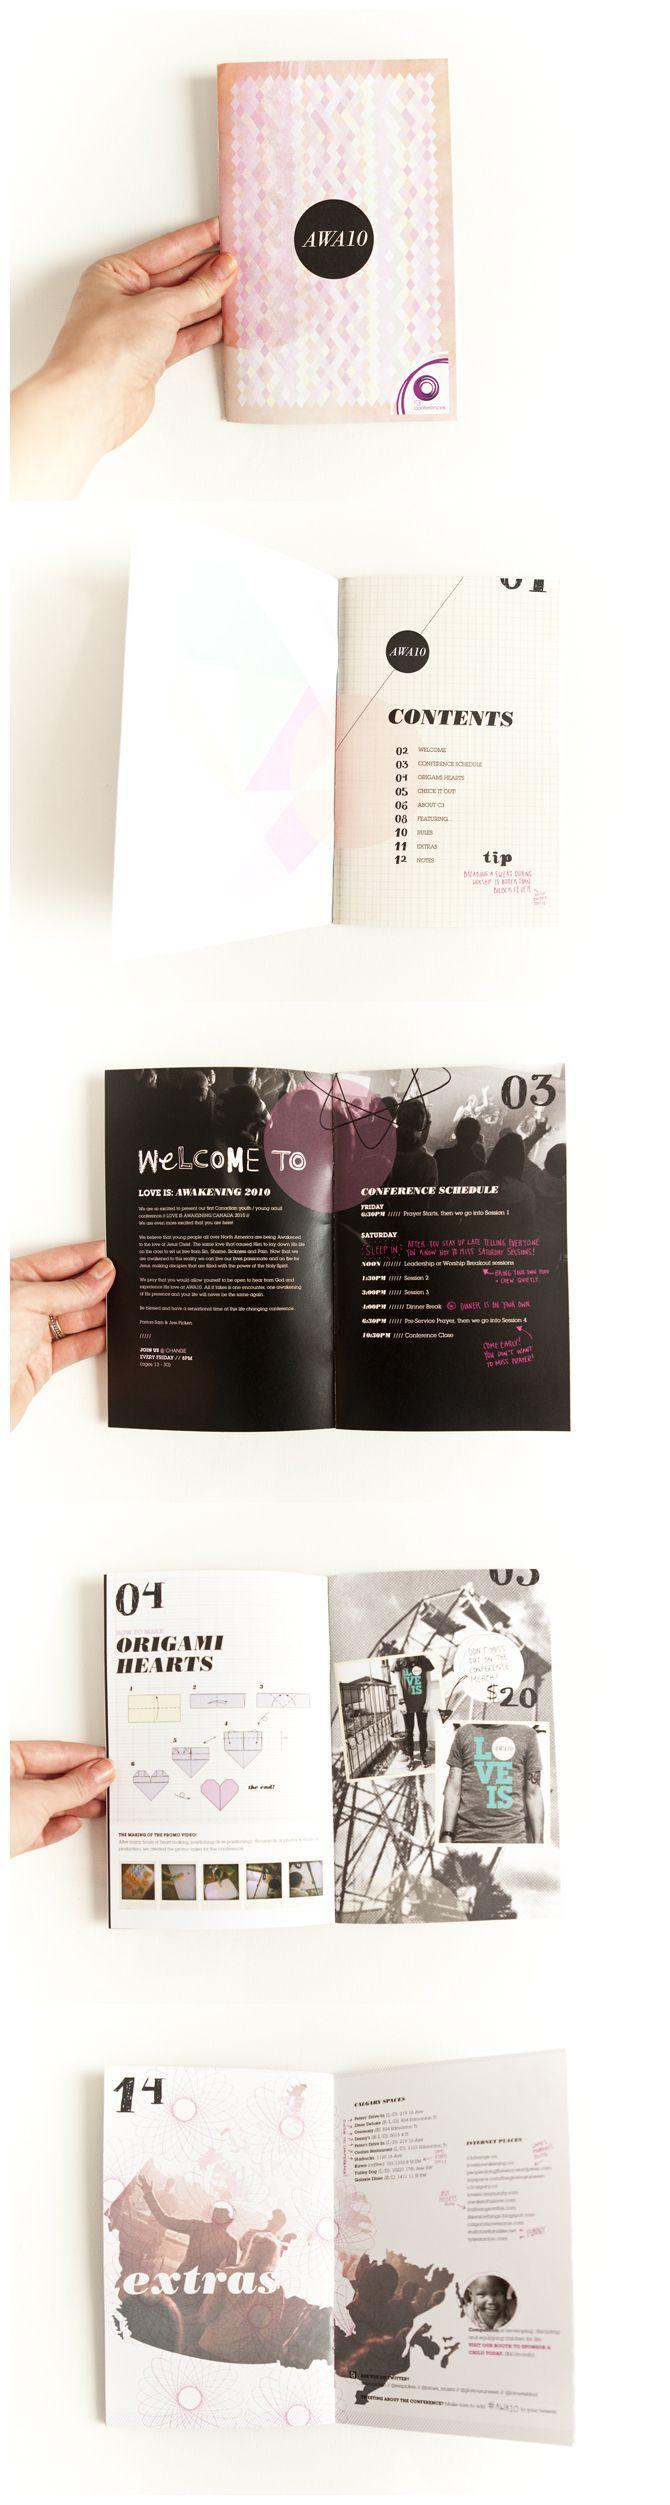 Curric. // PRINT - alyssa yuhas // graphic designer